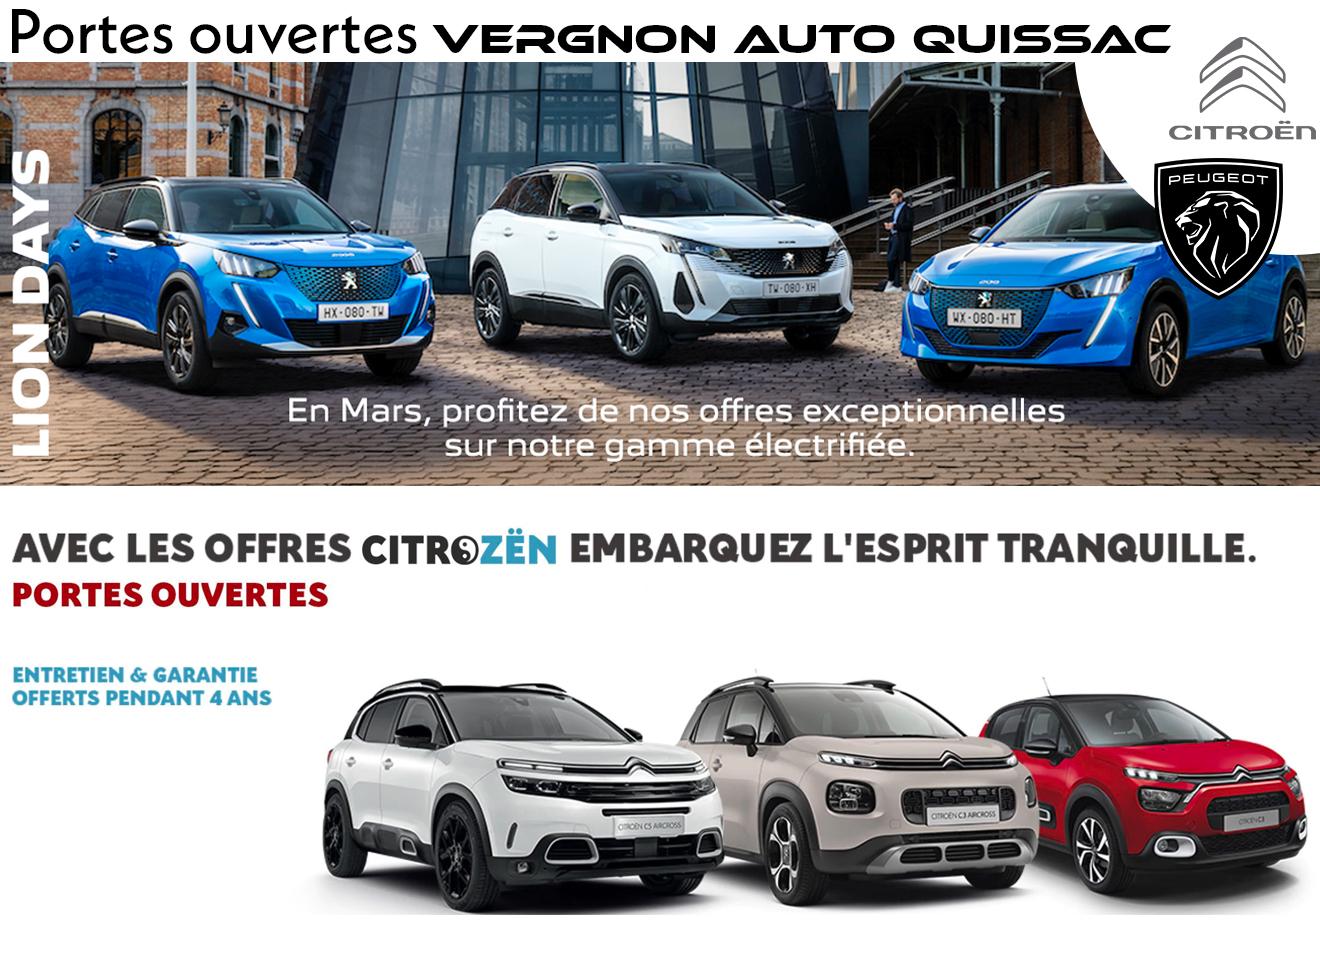 Mars 2021 - Portes ouvertes Peugeot-Citroën à Quissac